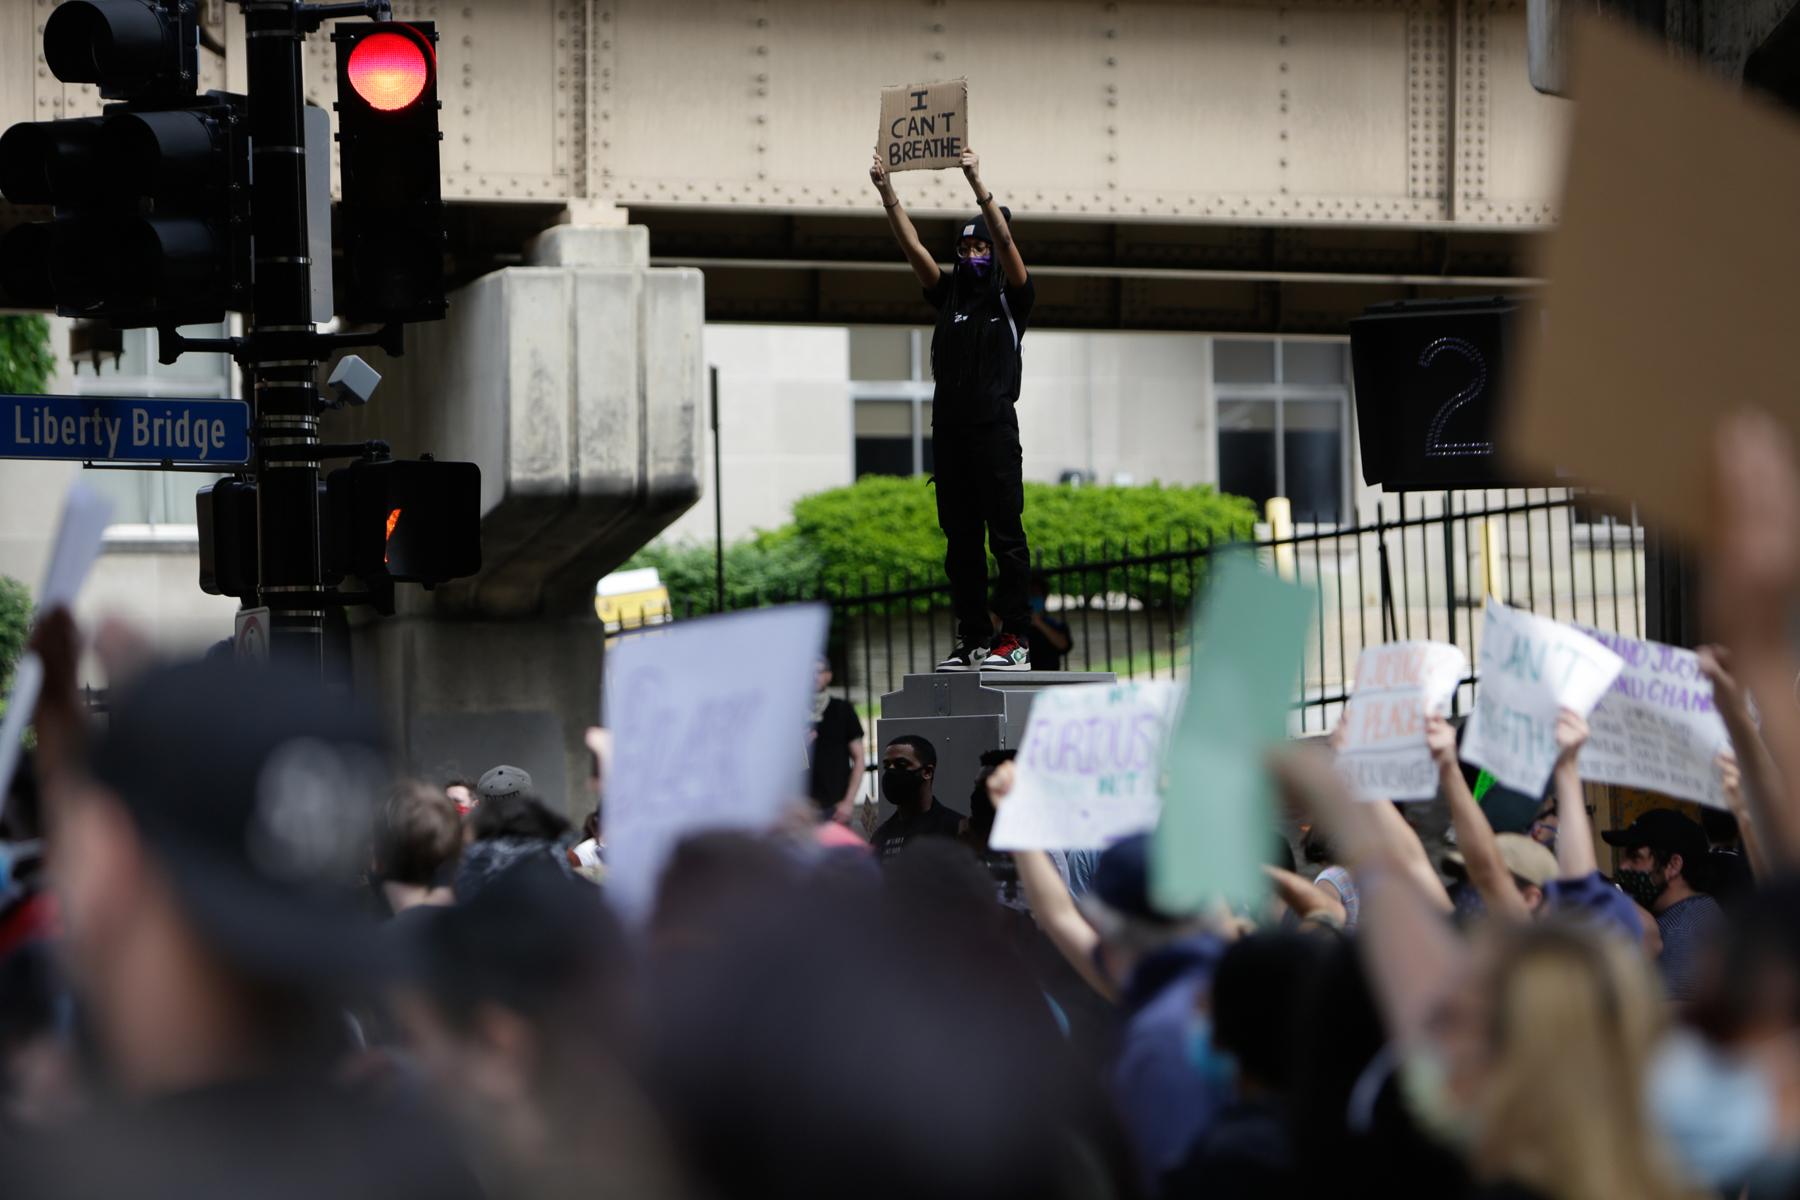 Pittsburgh bajo orden de toque de queda luego de que las protestas pacíficas por el asesinato de George Floyd se tornan violentas